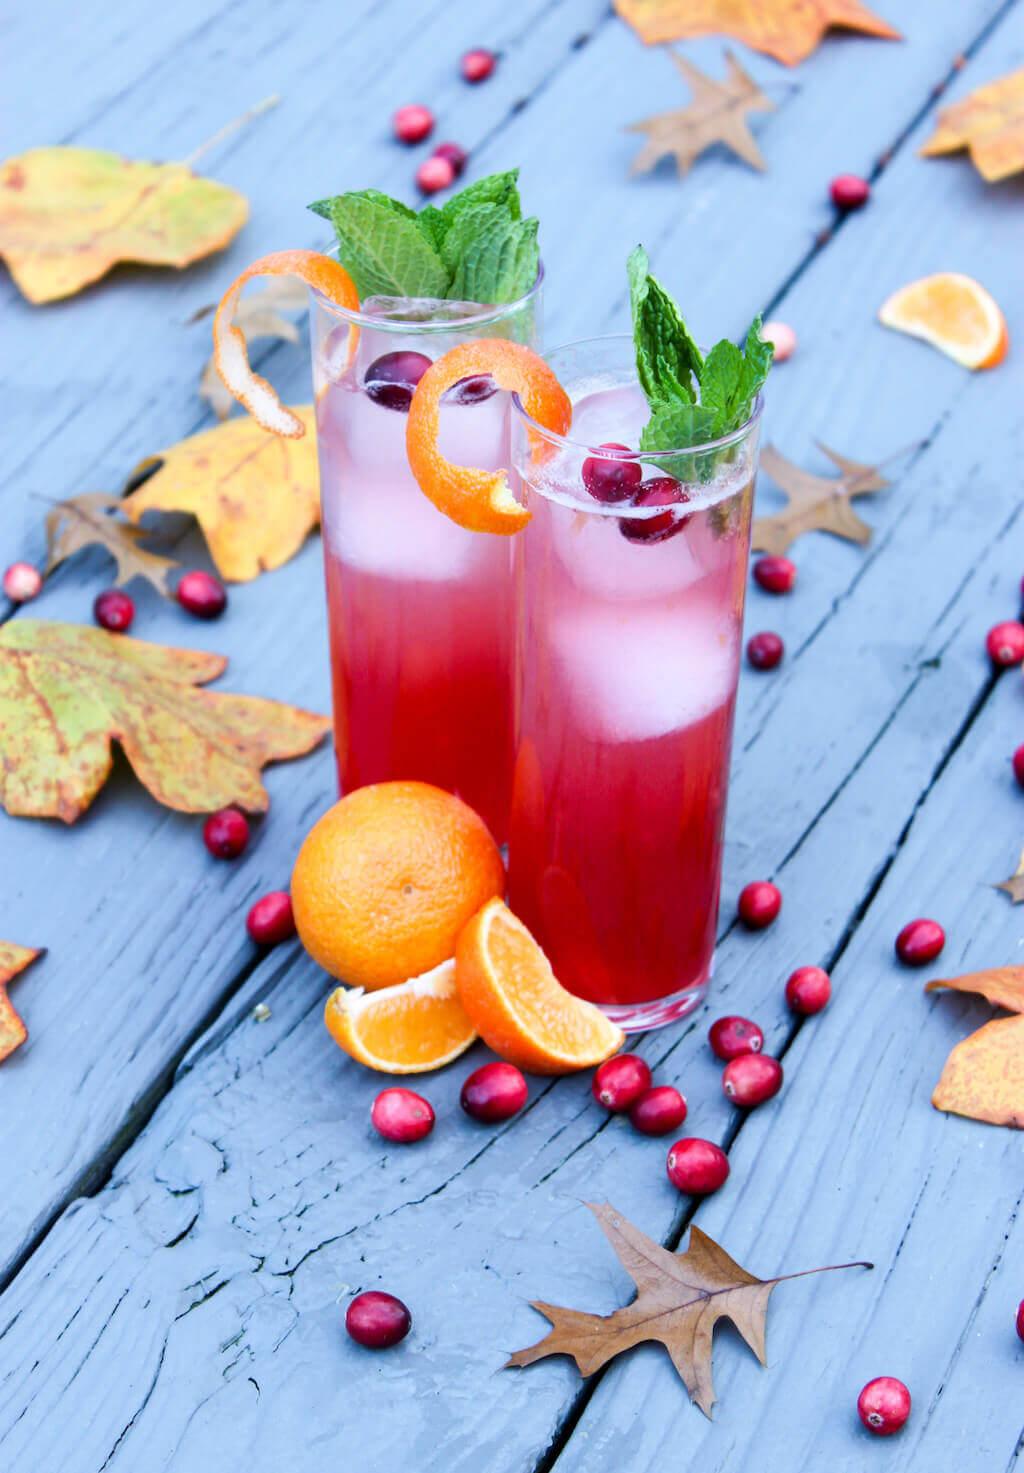 Cran-Orange Gin-Gin Mule | Holiday Cocktail Recipe